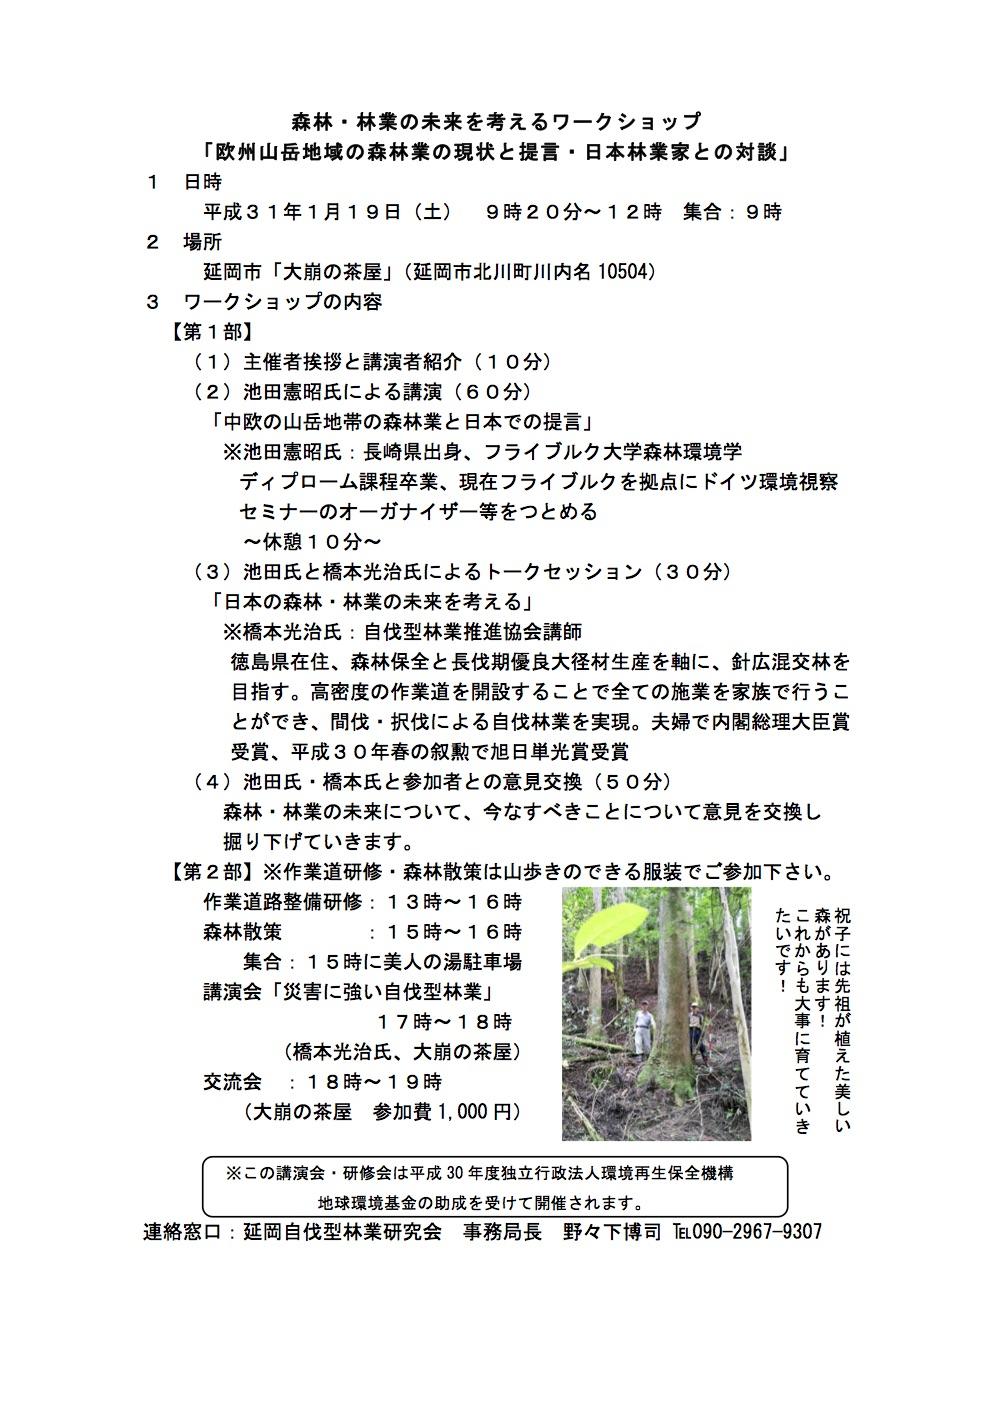 1月19日に宮崎県延岡市で「欧州山岳地域の森林業の現状と提言」が開催されます